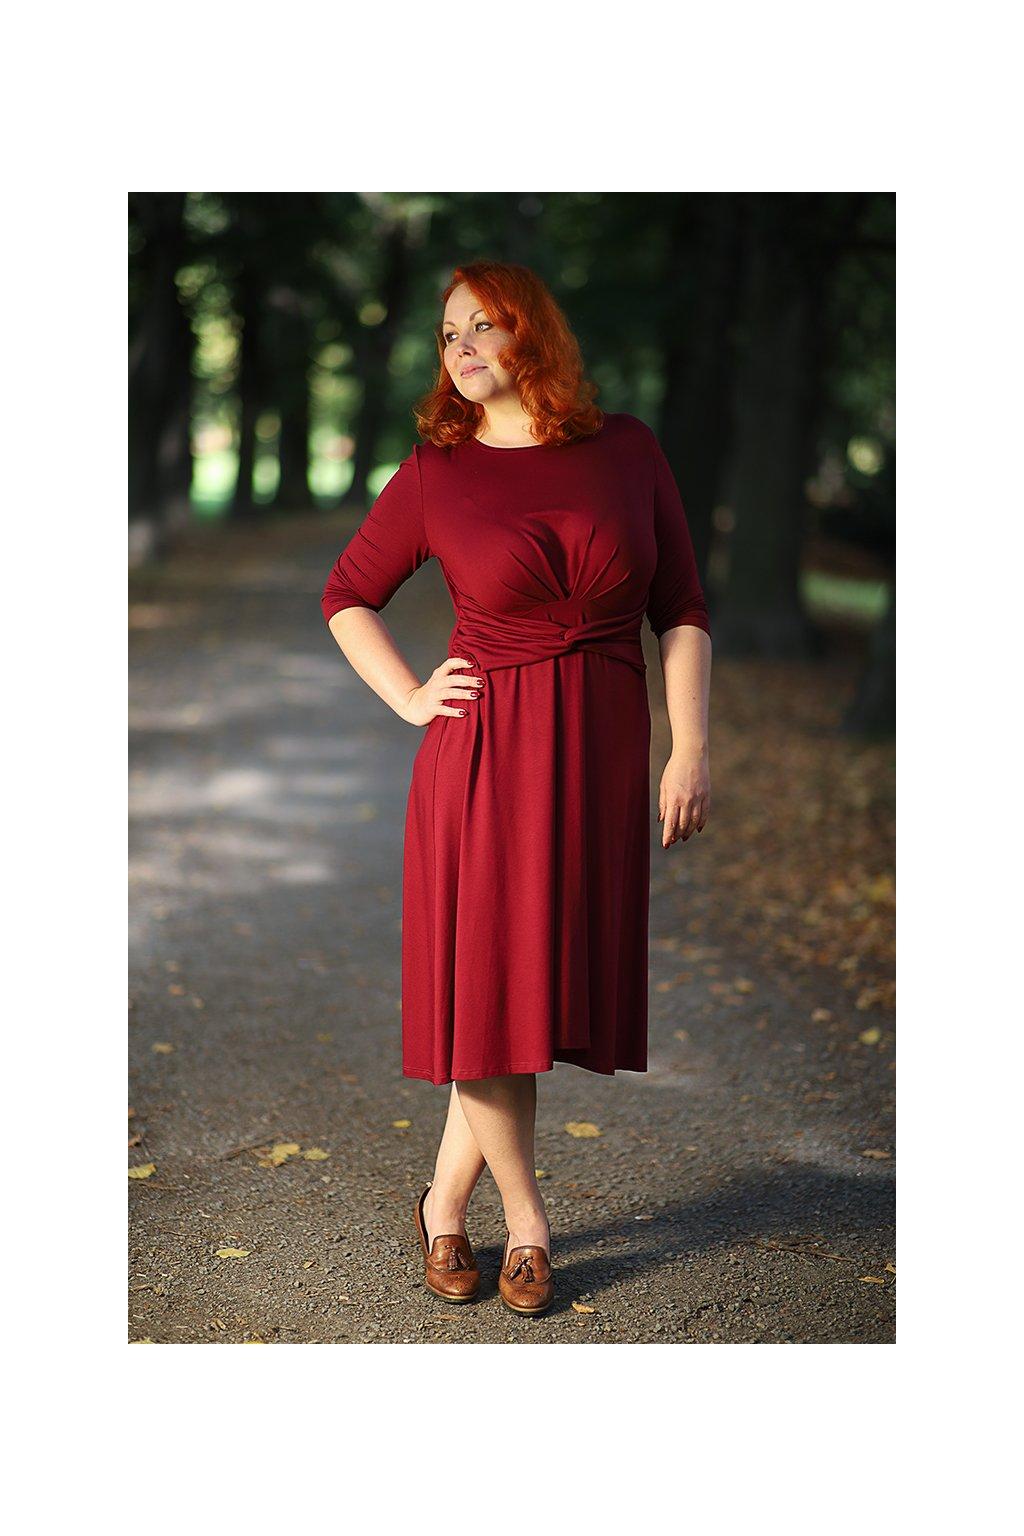 Šaty Dara s uzlem v různých barvách 4